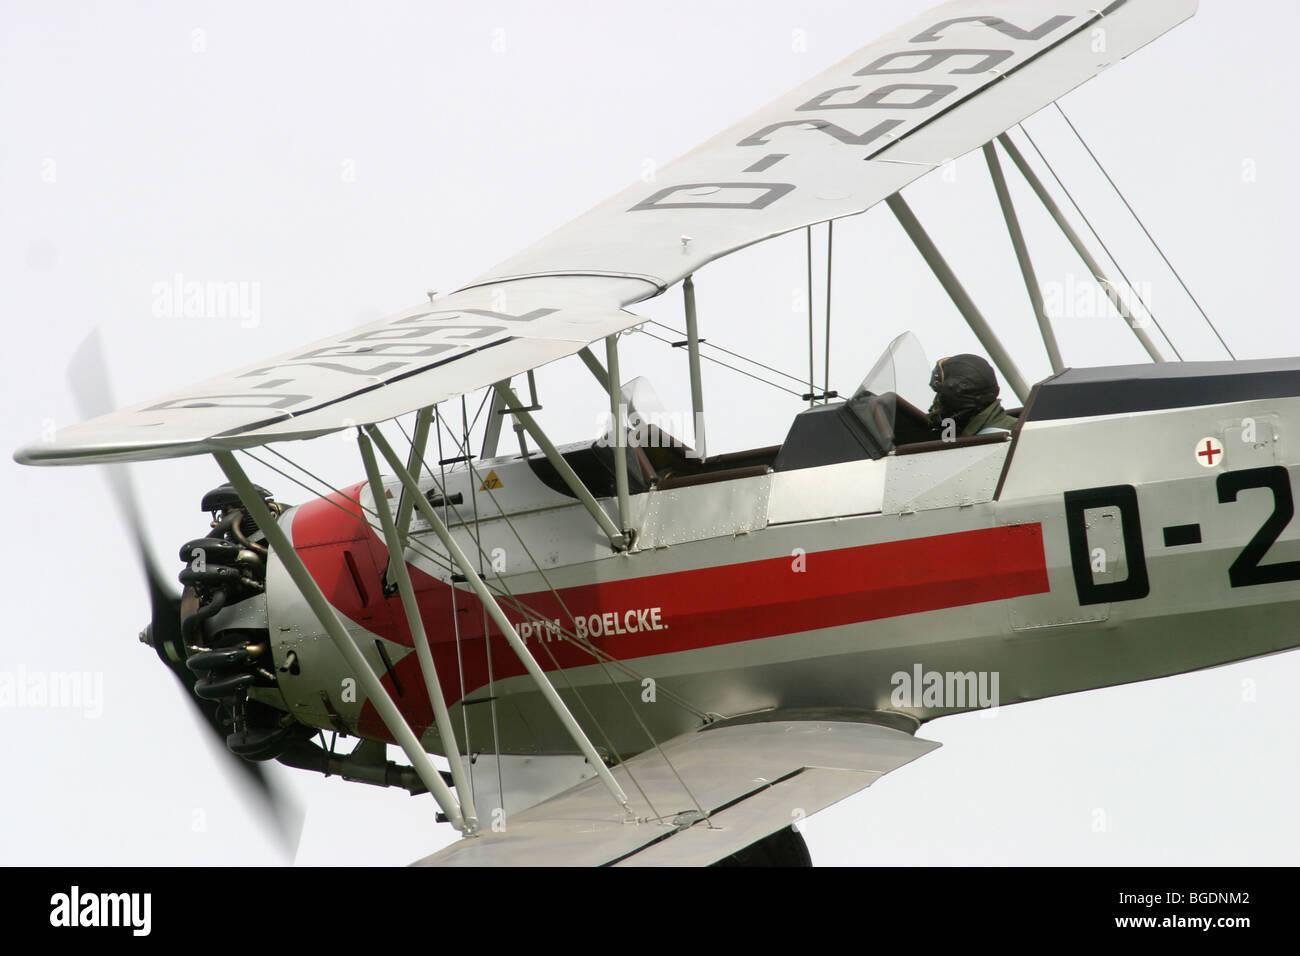 Focke-Wulf Fw.44J Stieglitz, G-STIG / D-2692. Goldfinch. Two seat trainer  biplane. Siemens-Halske Sh 14 radial engine 160hp. 115 mph